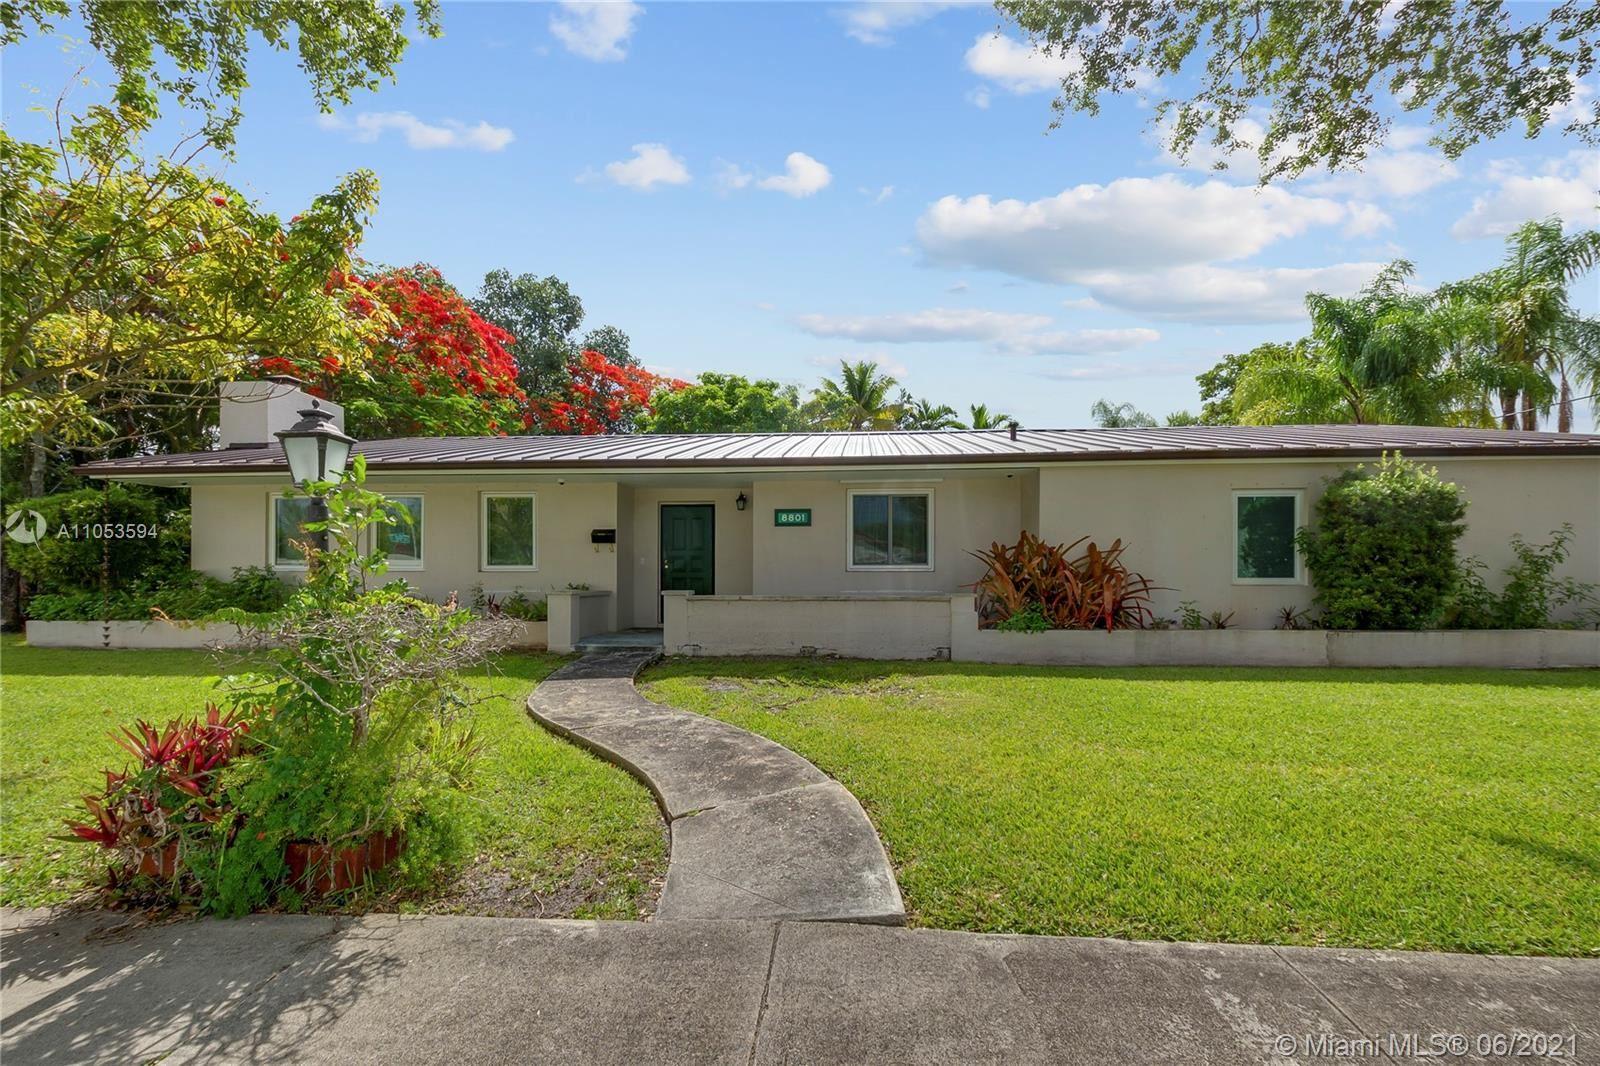 8801 SW 92 Ct, Miami, FL 33176 - #: A11053594